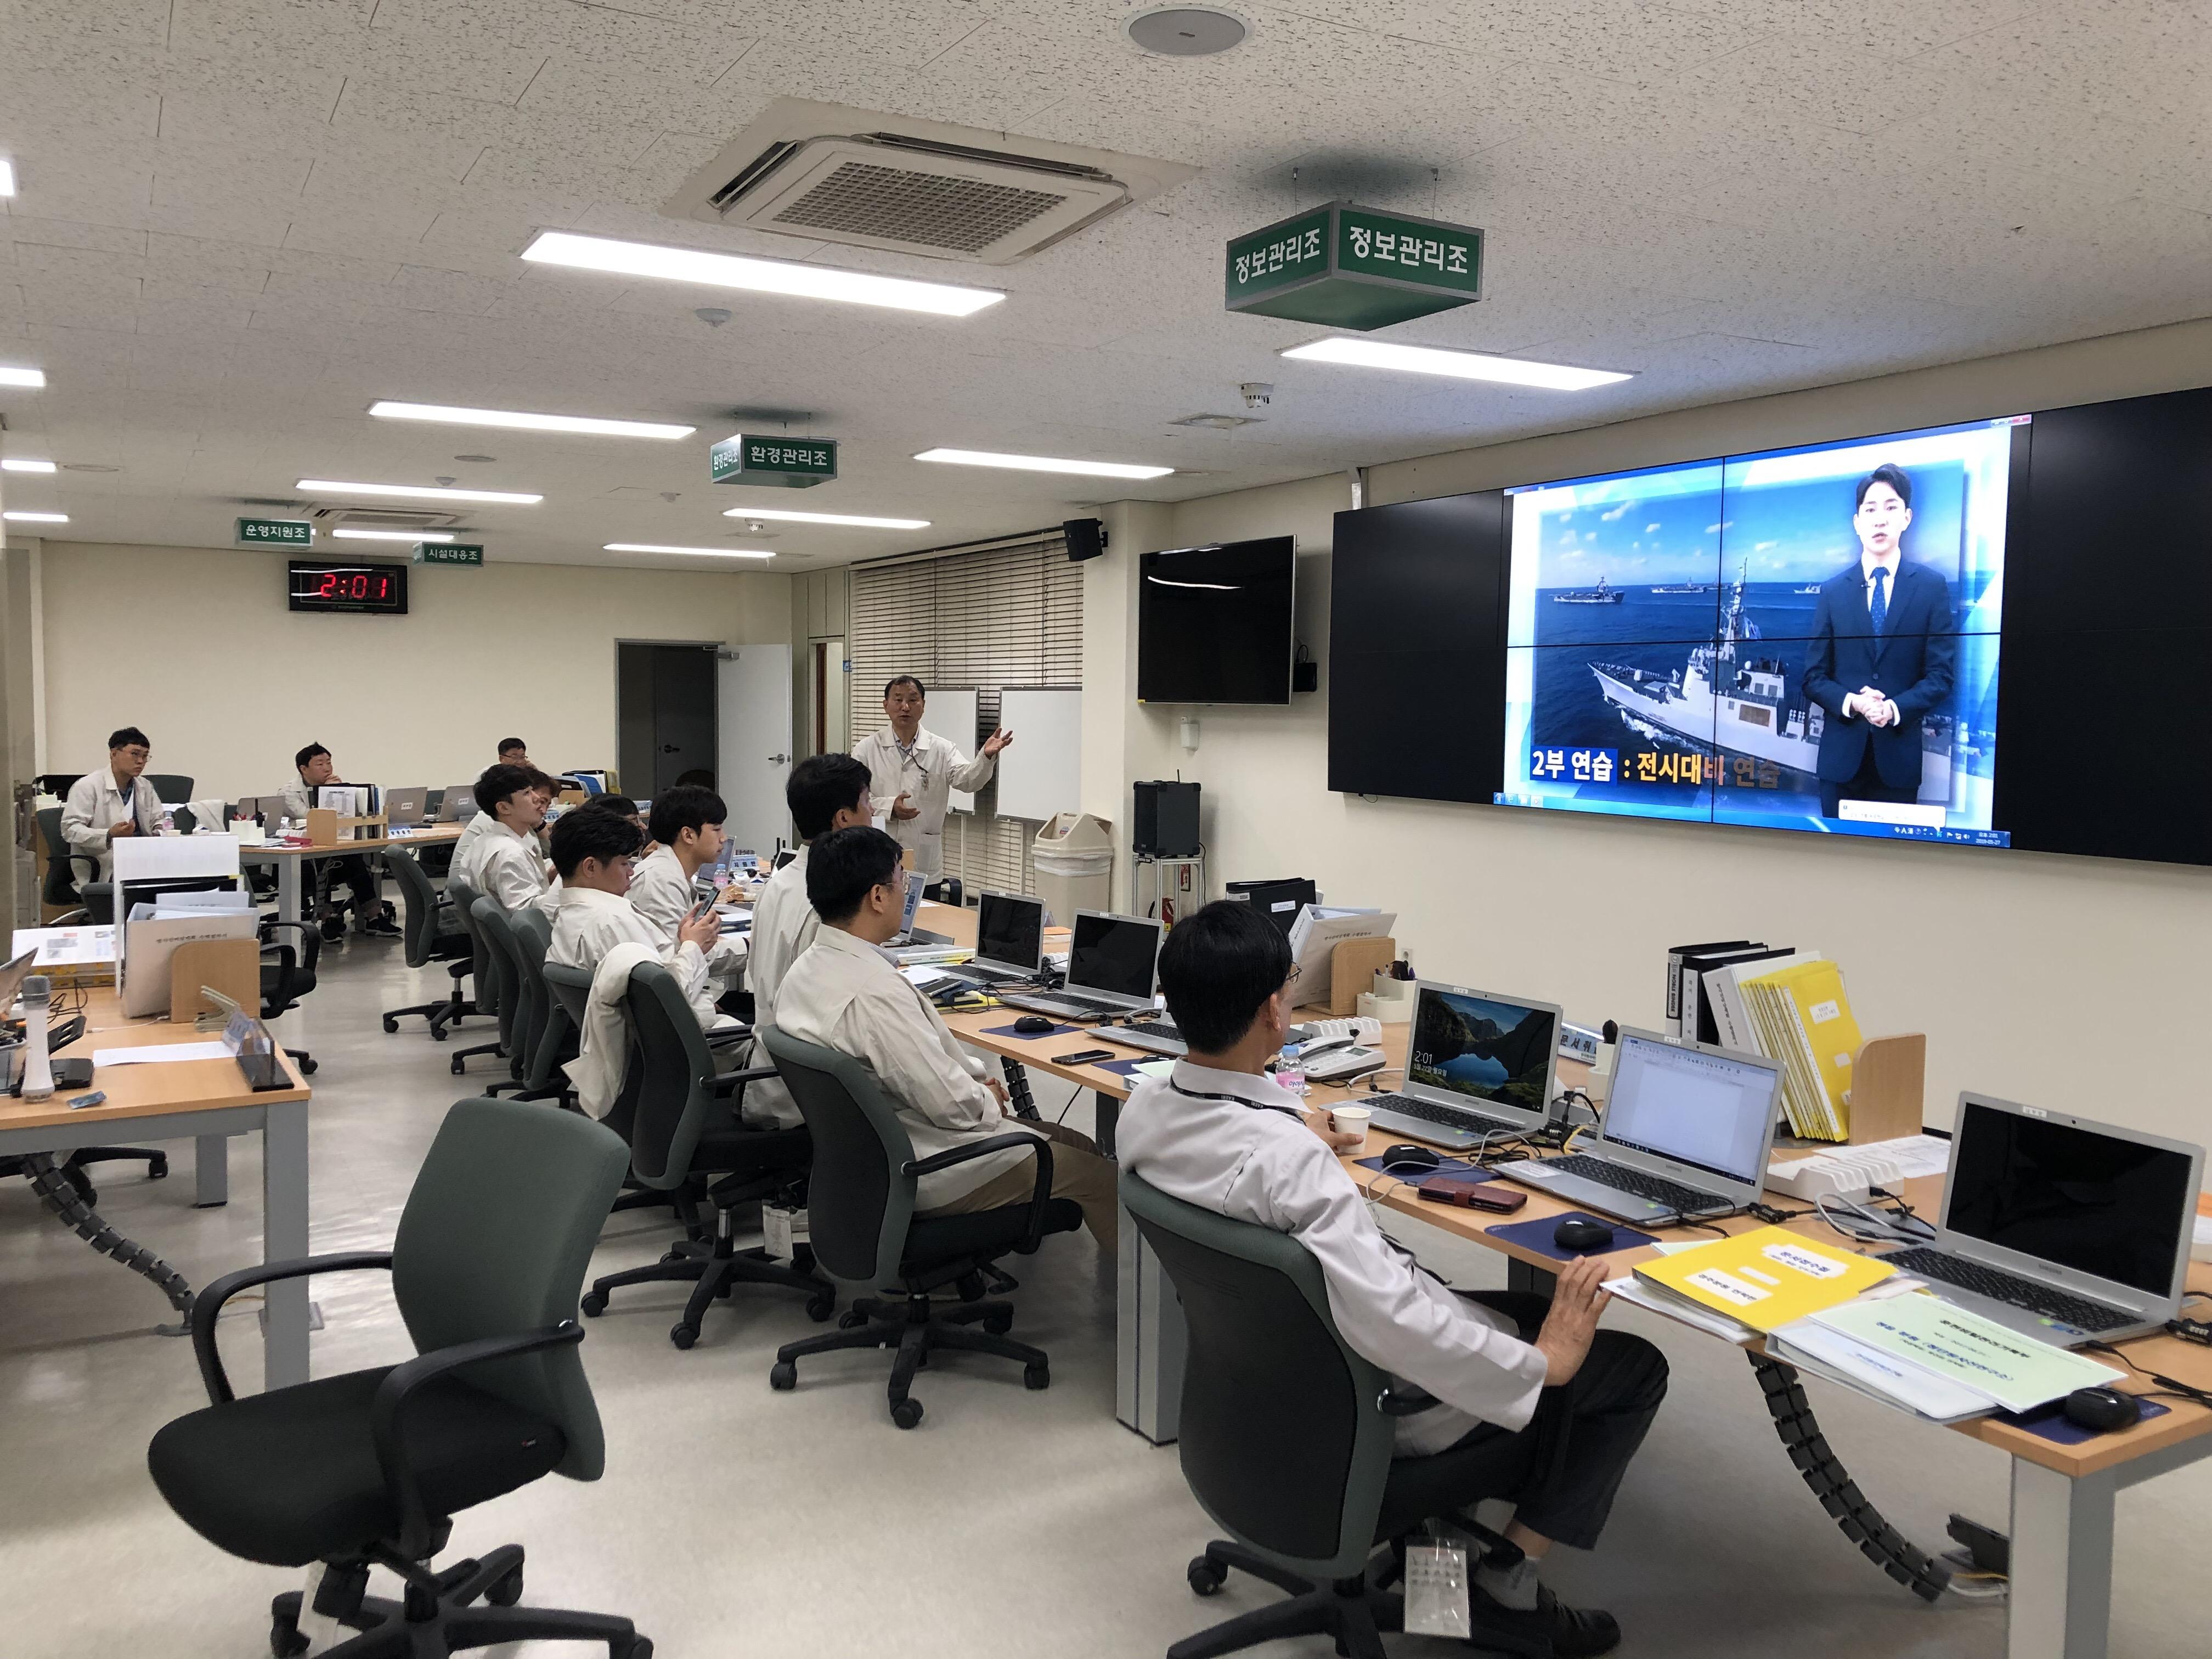 사진1 - 직원들이 연구원 재난종합상황실에서 훈련에 임하고 있다